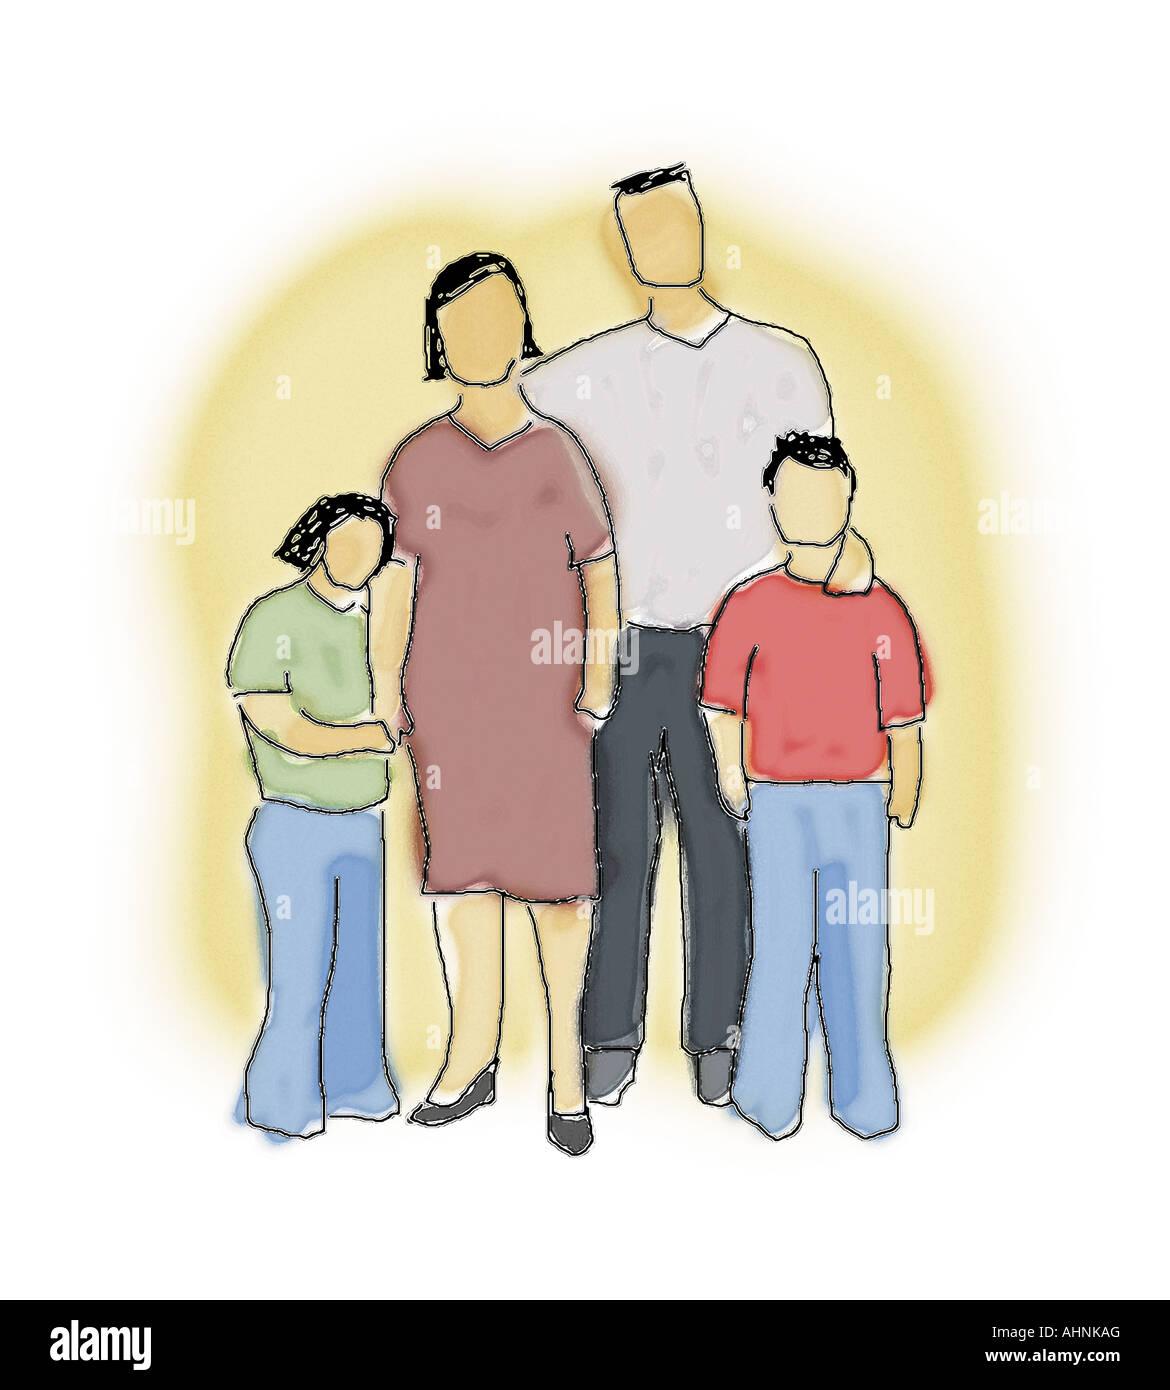 nuclear family cartoon stock photos nuclear family cartoon stock